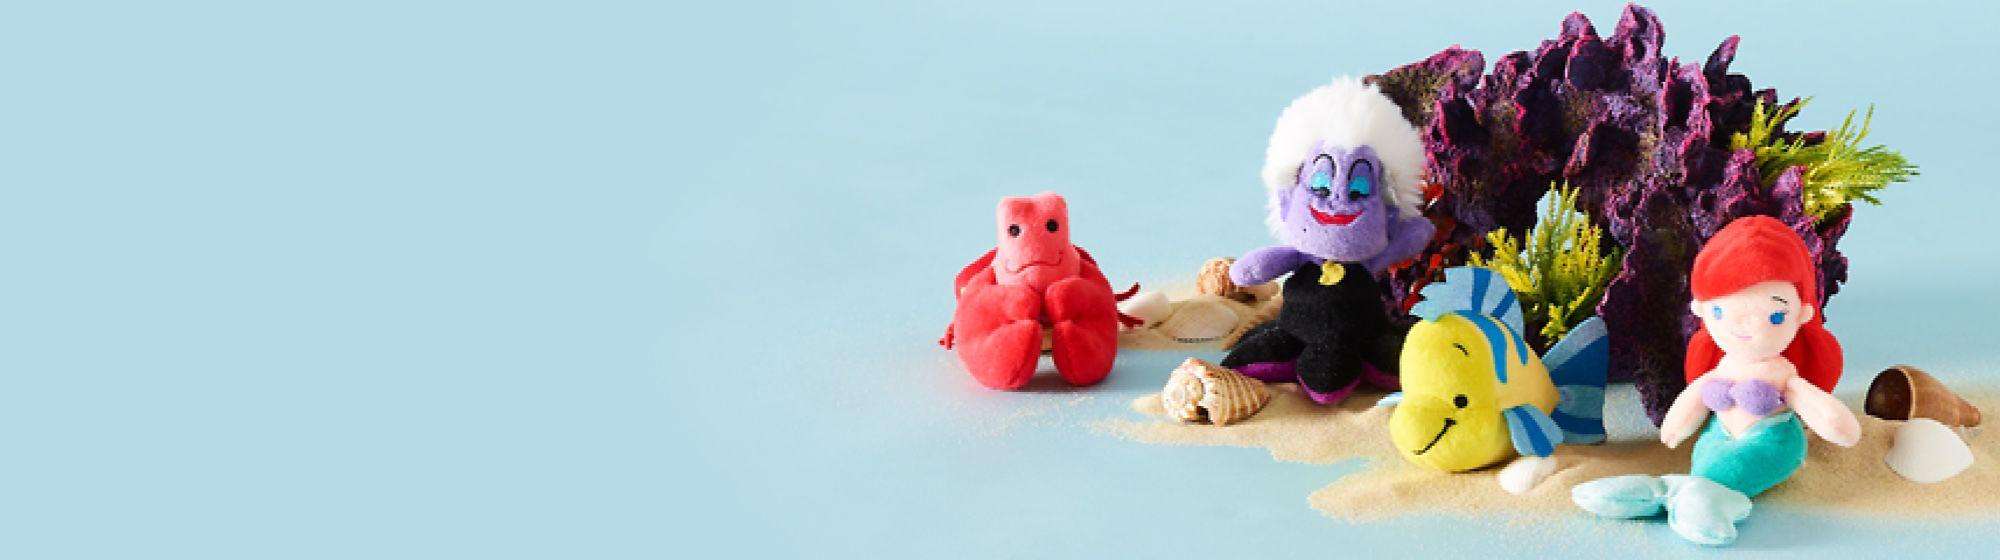 Peluches de Tiny Big Feet Descubre los coleccionables más monos y vive grandes aventuras. DESCUBRIR MÁS